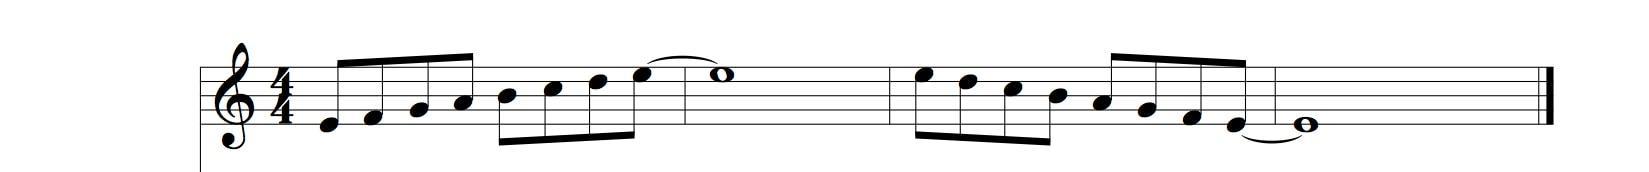 chanter et jouer de la basse en meme temps melodie chant